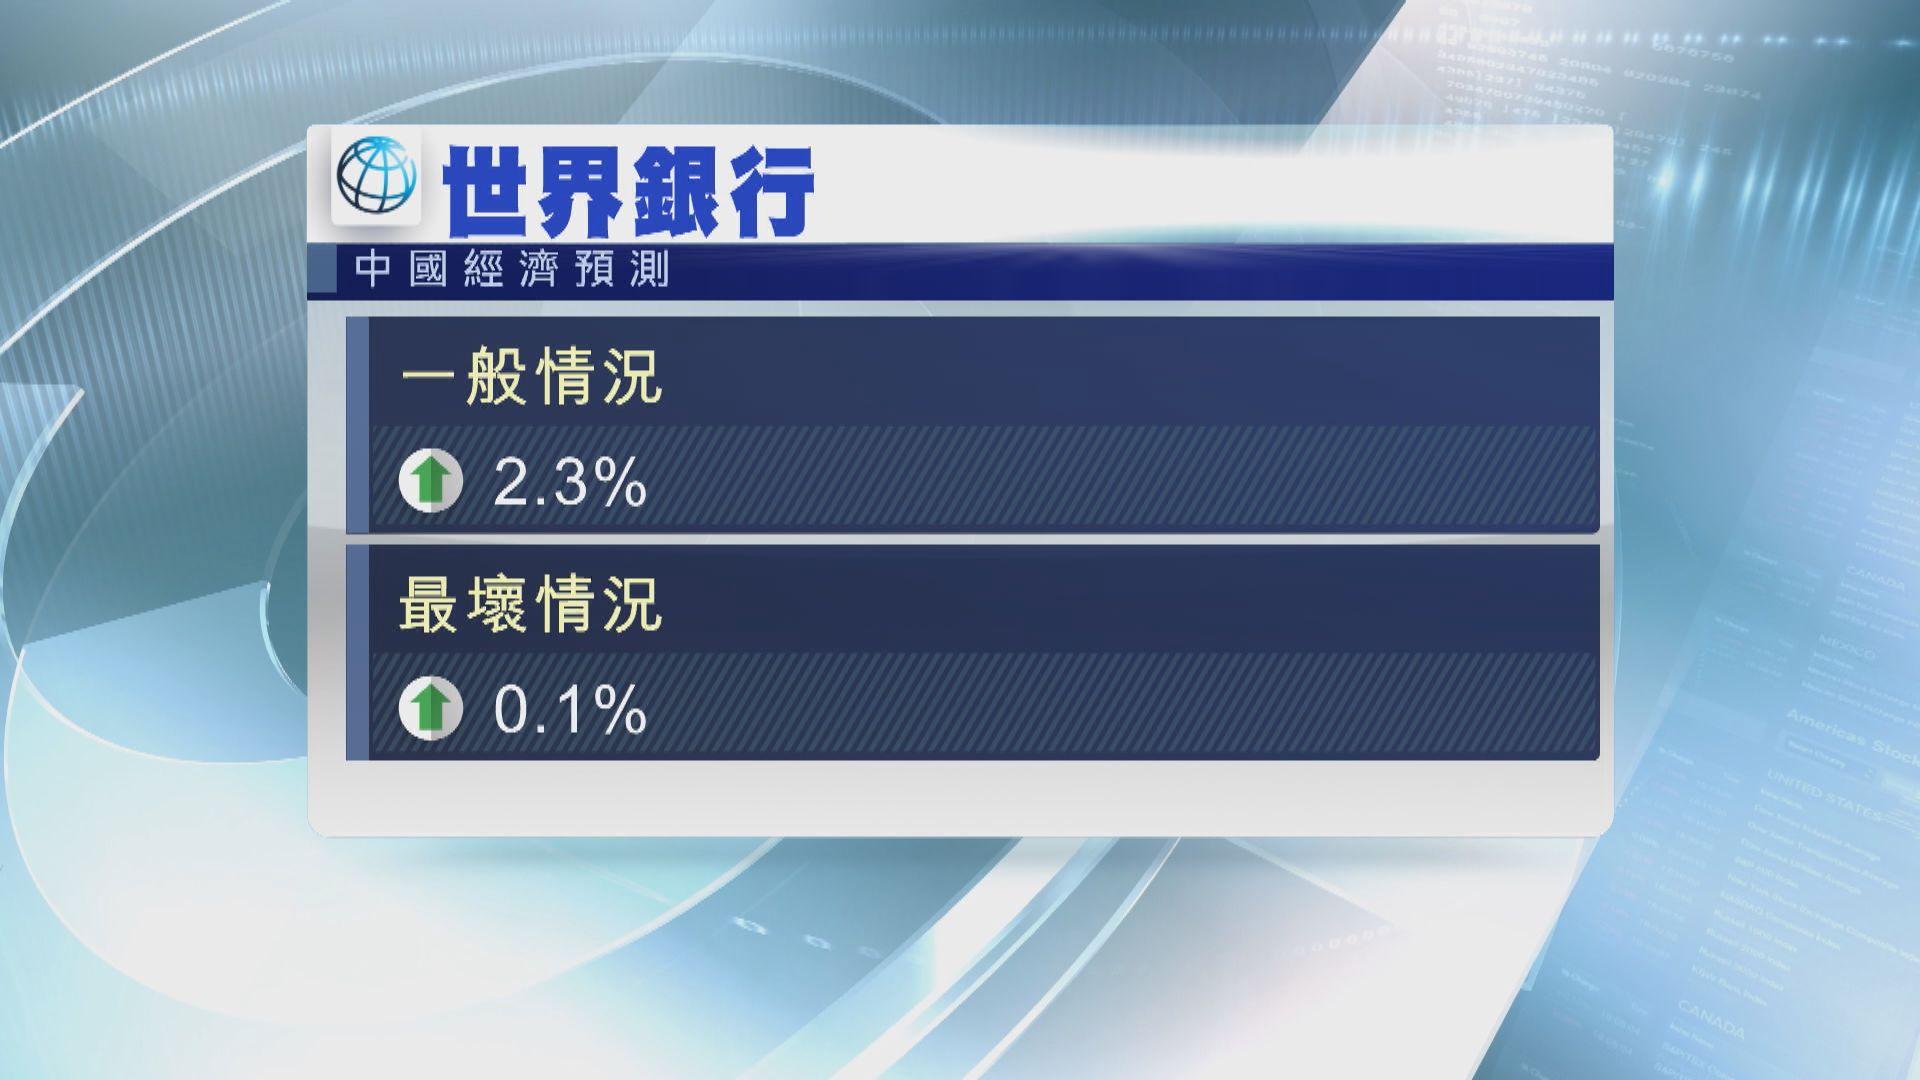 【疫情衝擊】世銀:最壞情況 今年中國經濟增長或近零